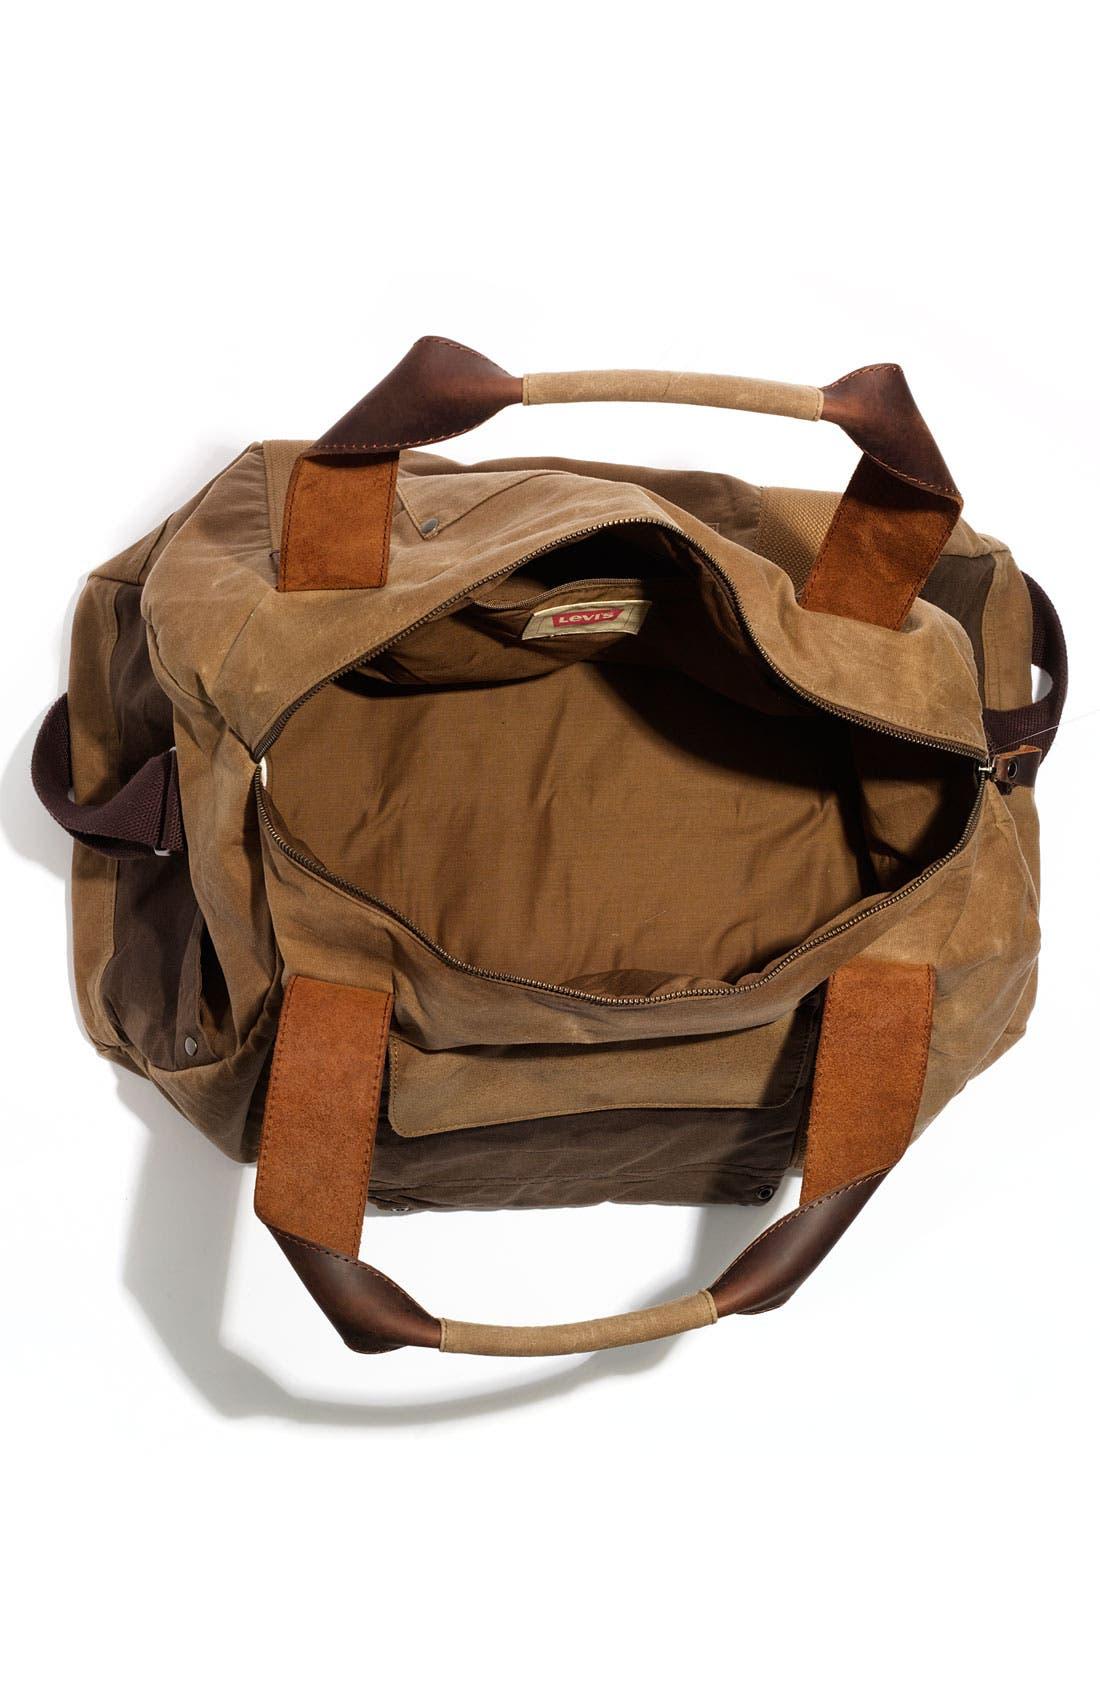 Alternate Image 3  - Levi's® 'River Rock' Duffel Bag